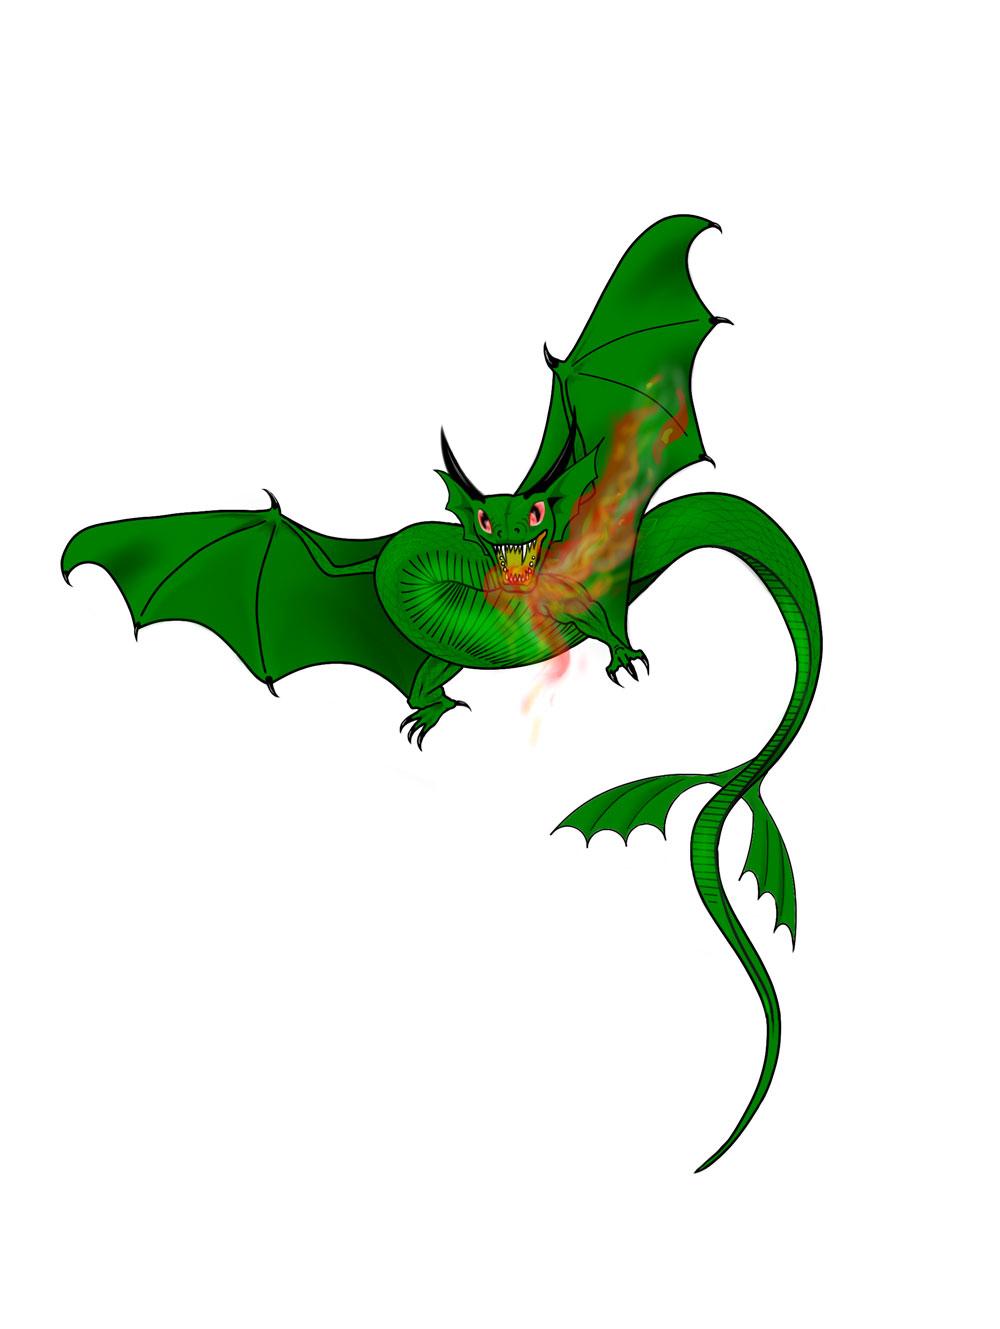 Dragon by wickedsteve